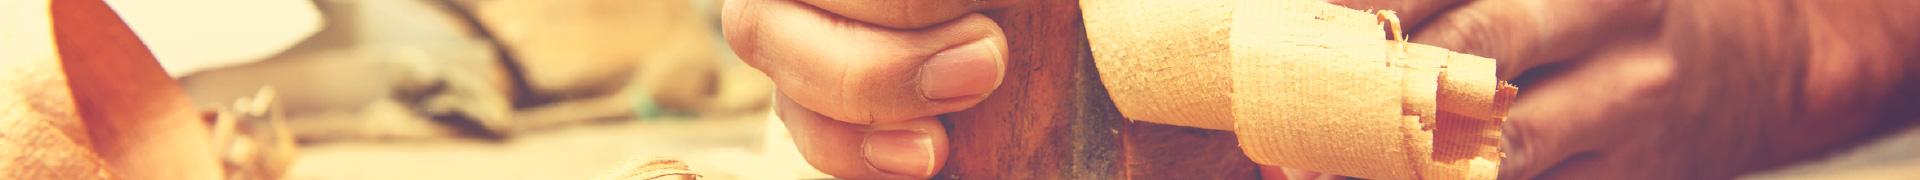 Parquet bois Bayonne, Parquet bois Biarritz, Escalier bois Bayonne, Escalier bois Biarritz, Placard Bayonne, Placard Biarritz, Dressing Bayonne, Dressing Biarritz, porte d'entrée en bois sur mesure Bayonne, porte d'entrée en bois sur mesure Biarritz, Terrasse bois Bayonne, Terrasse bois Biarritz, Menuiserie bois sur mesure Bayonne, Menuiserie bois sur mesure Biarritz, Rénovation menuiserie Bayonne, Rénovation menuiserie Biarritz, Volets bois Bayonne, Volets bois Biarritz, Portail bois Bayonne, Portail bois Biarritz